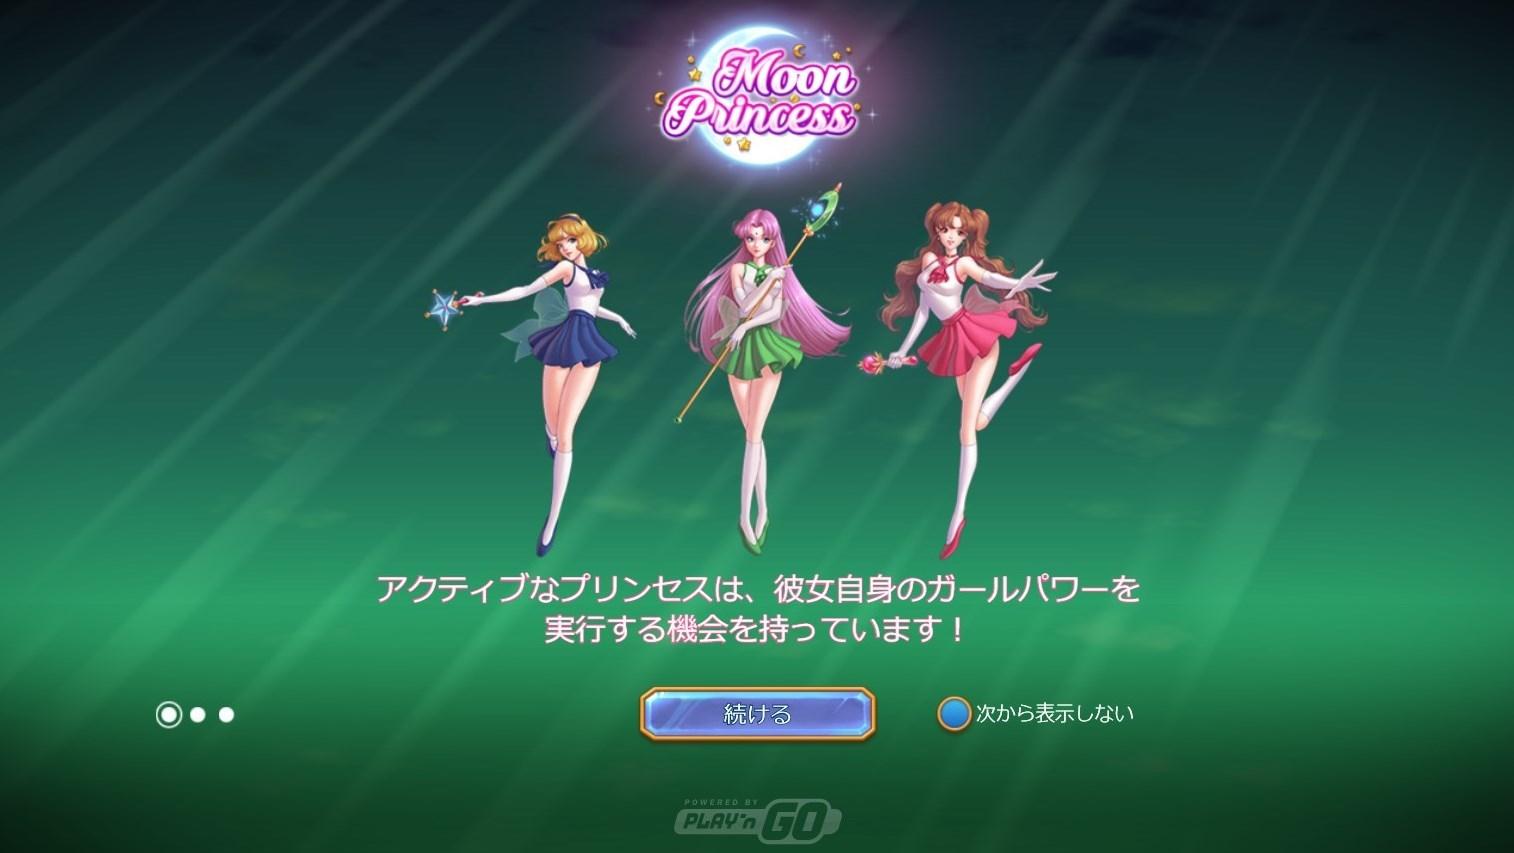 美少女戦士がテーマの大人気スロットマシン「Moon Princess(ムーン・プリンセス)」